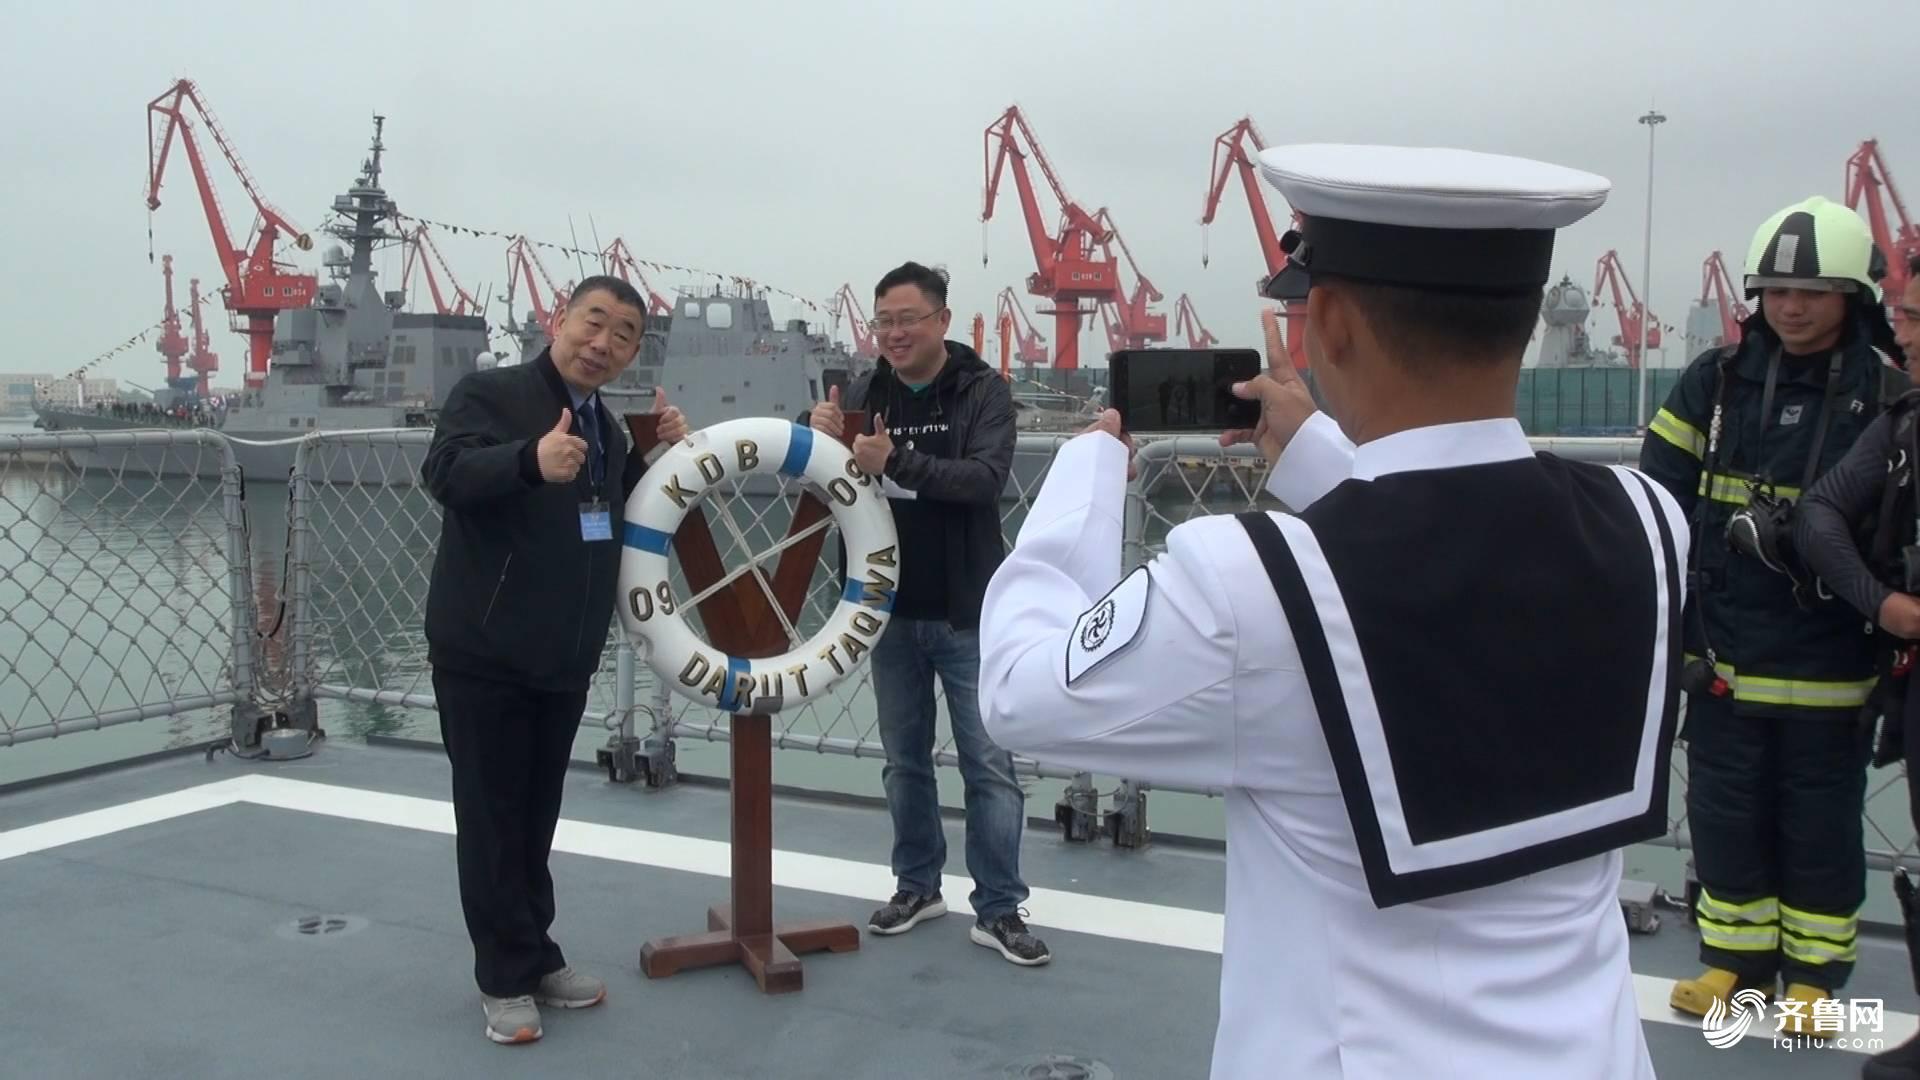 青?#33322;?#33351;开放日:多国海军舰艇向公众开放